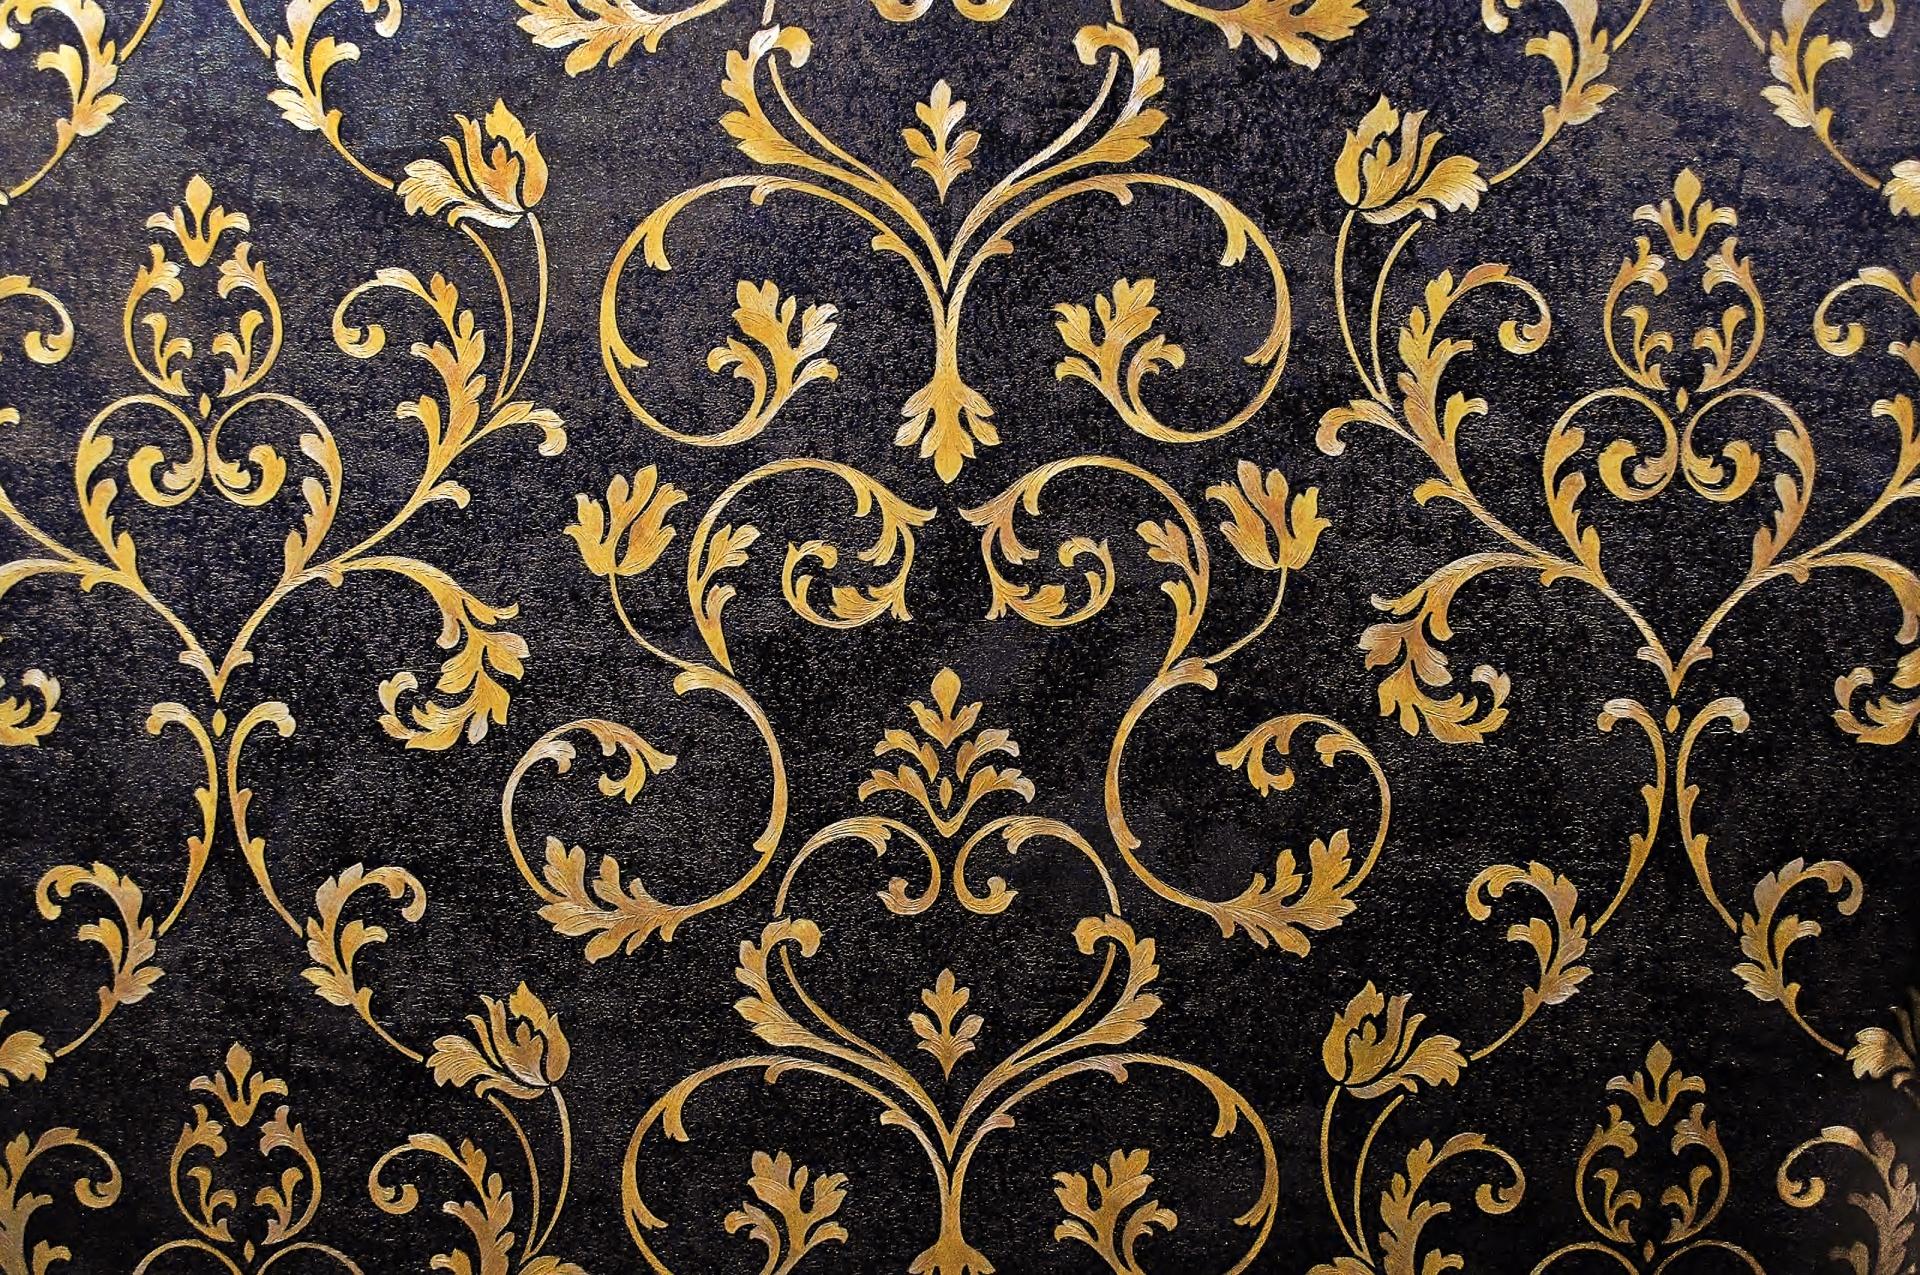 Wall Pattern Free Stock Photo